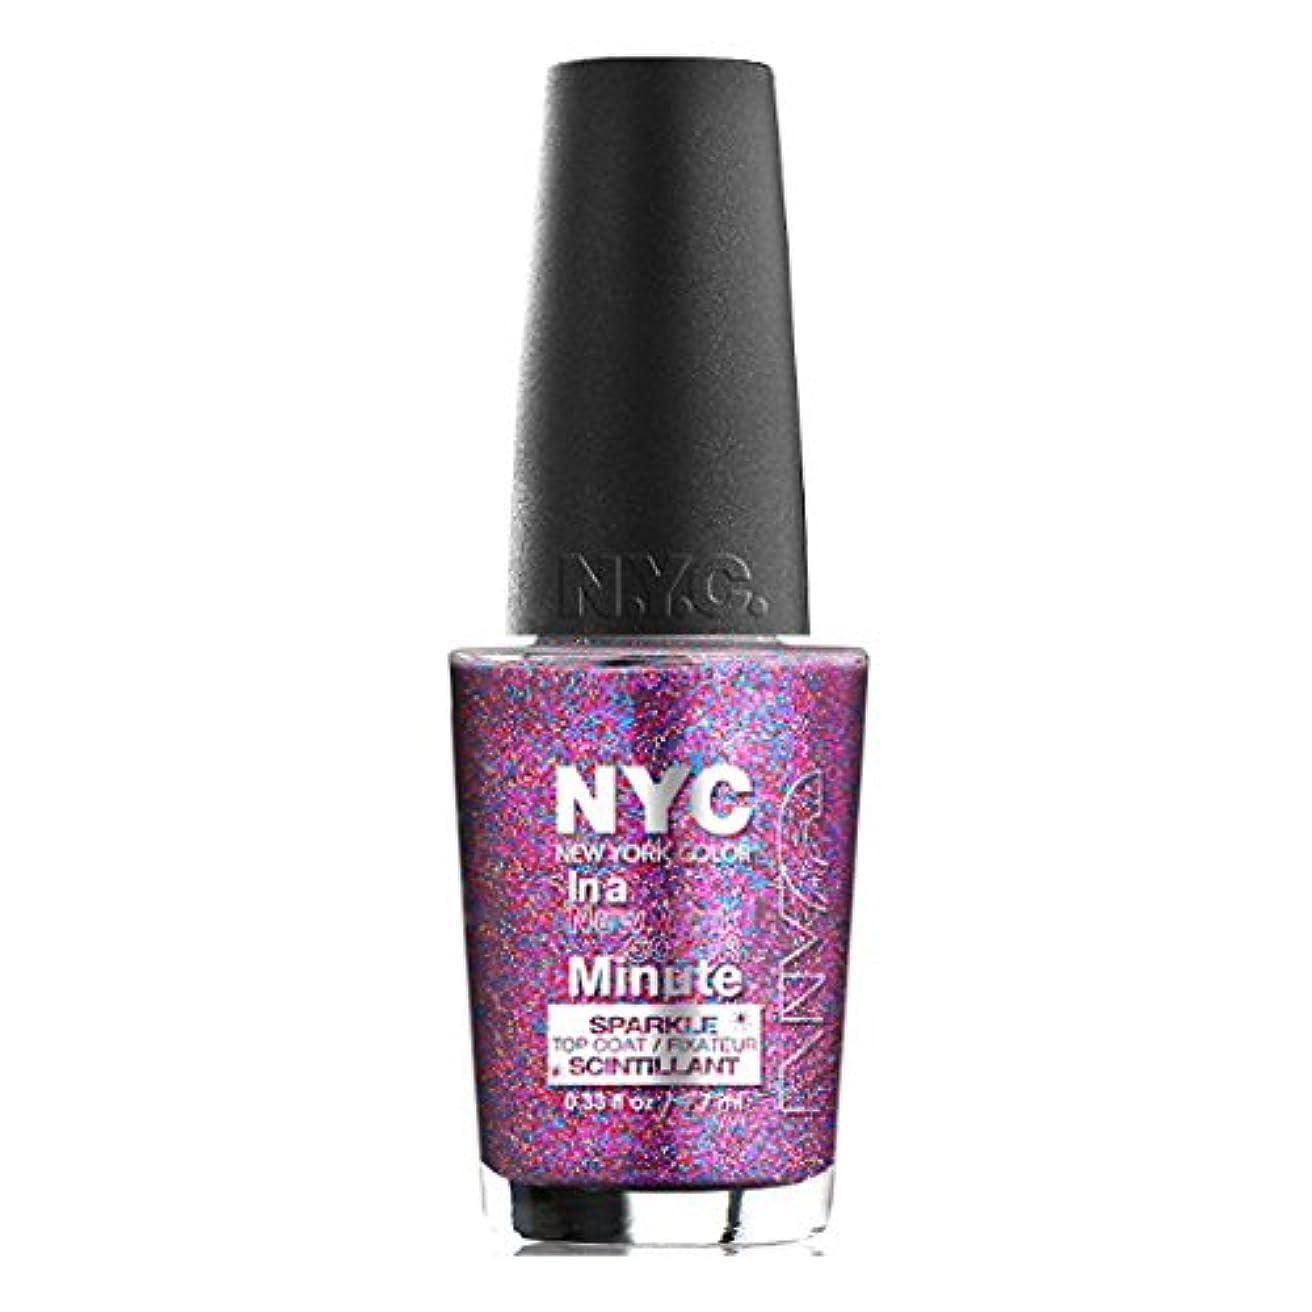 現在自然公園ミキサーNYC In A New York Color Minute Sparkle Top Coat Big City Dazzle (並行輸入品)